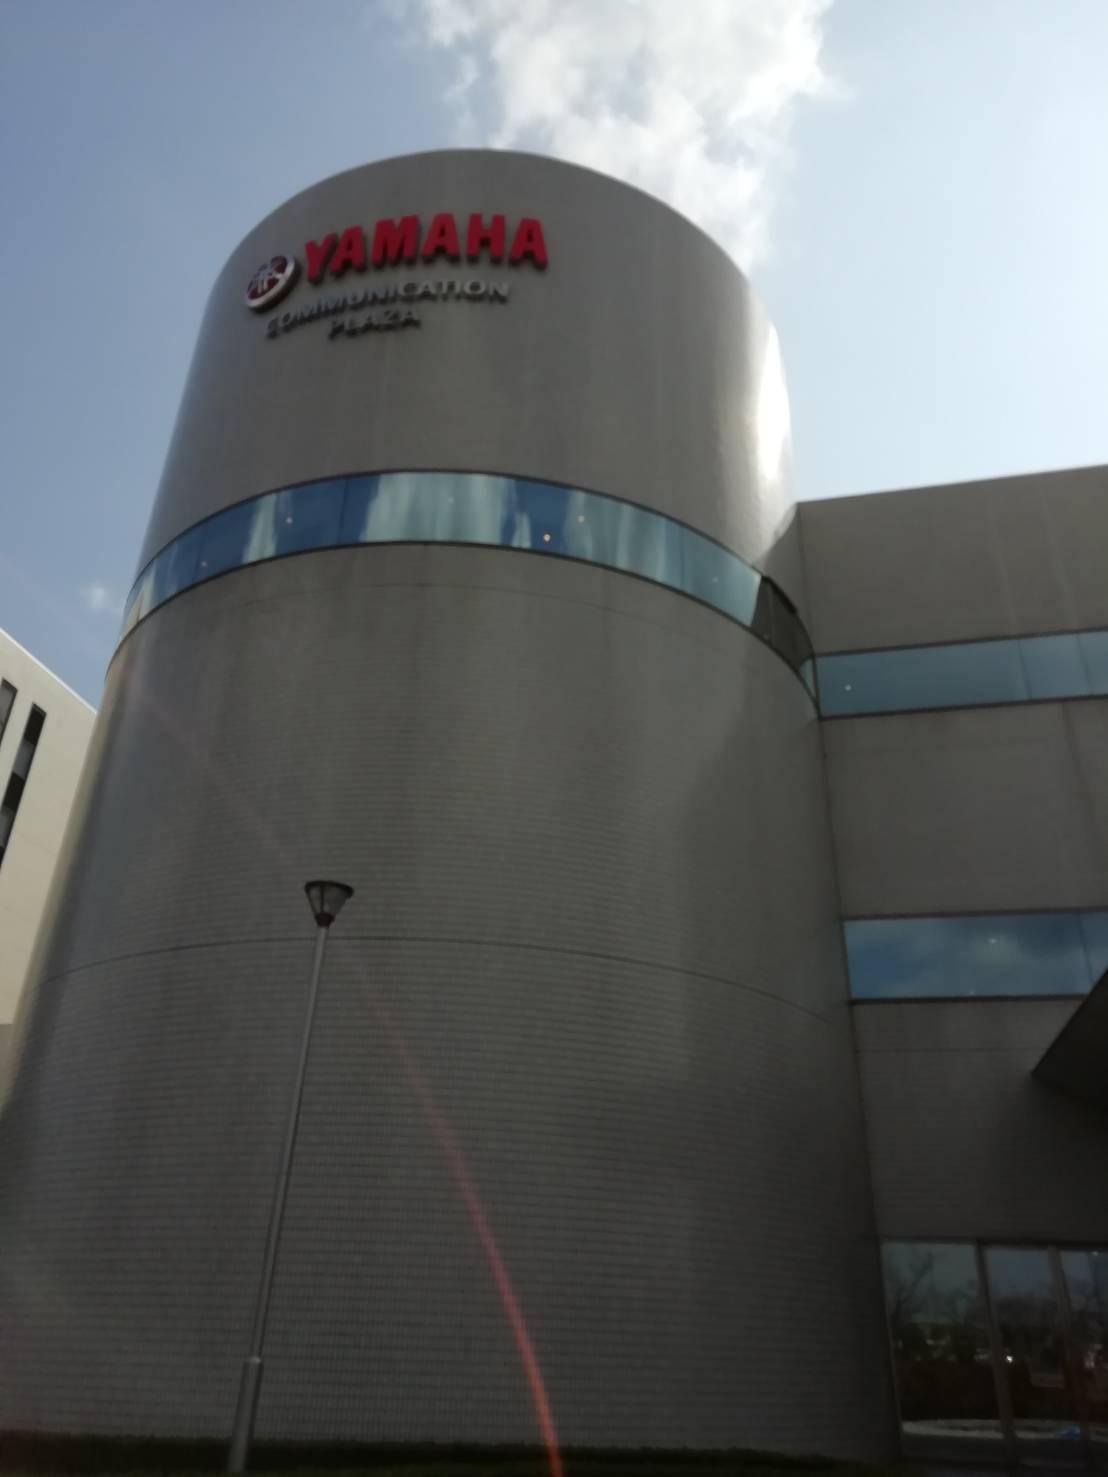 ヤマハ・コミュニケーションプラザ(静岡県磐田市)